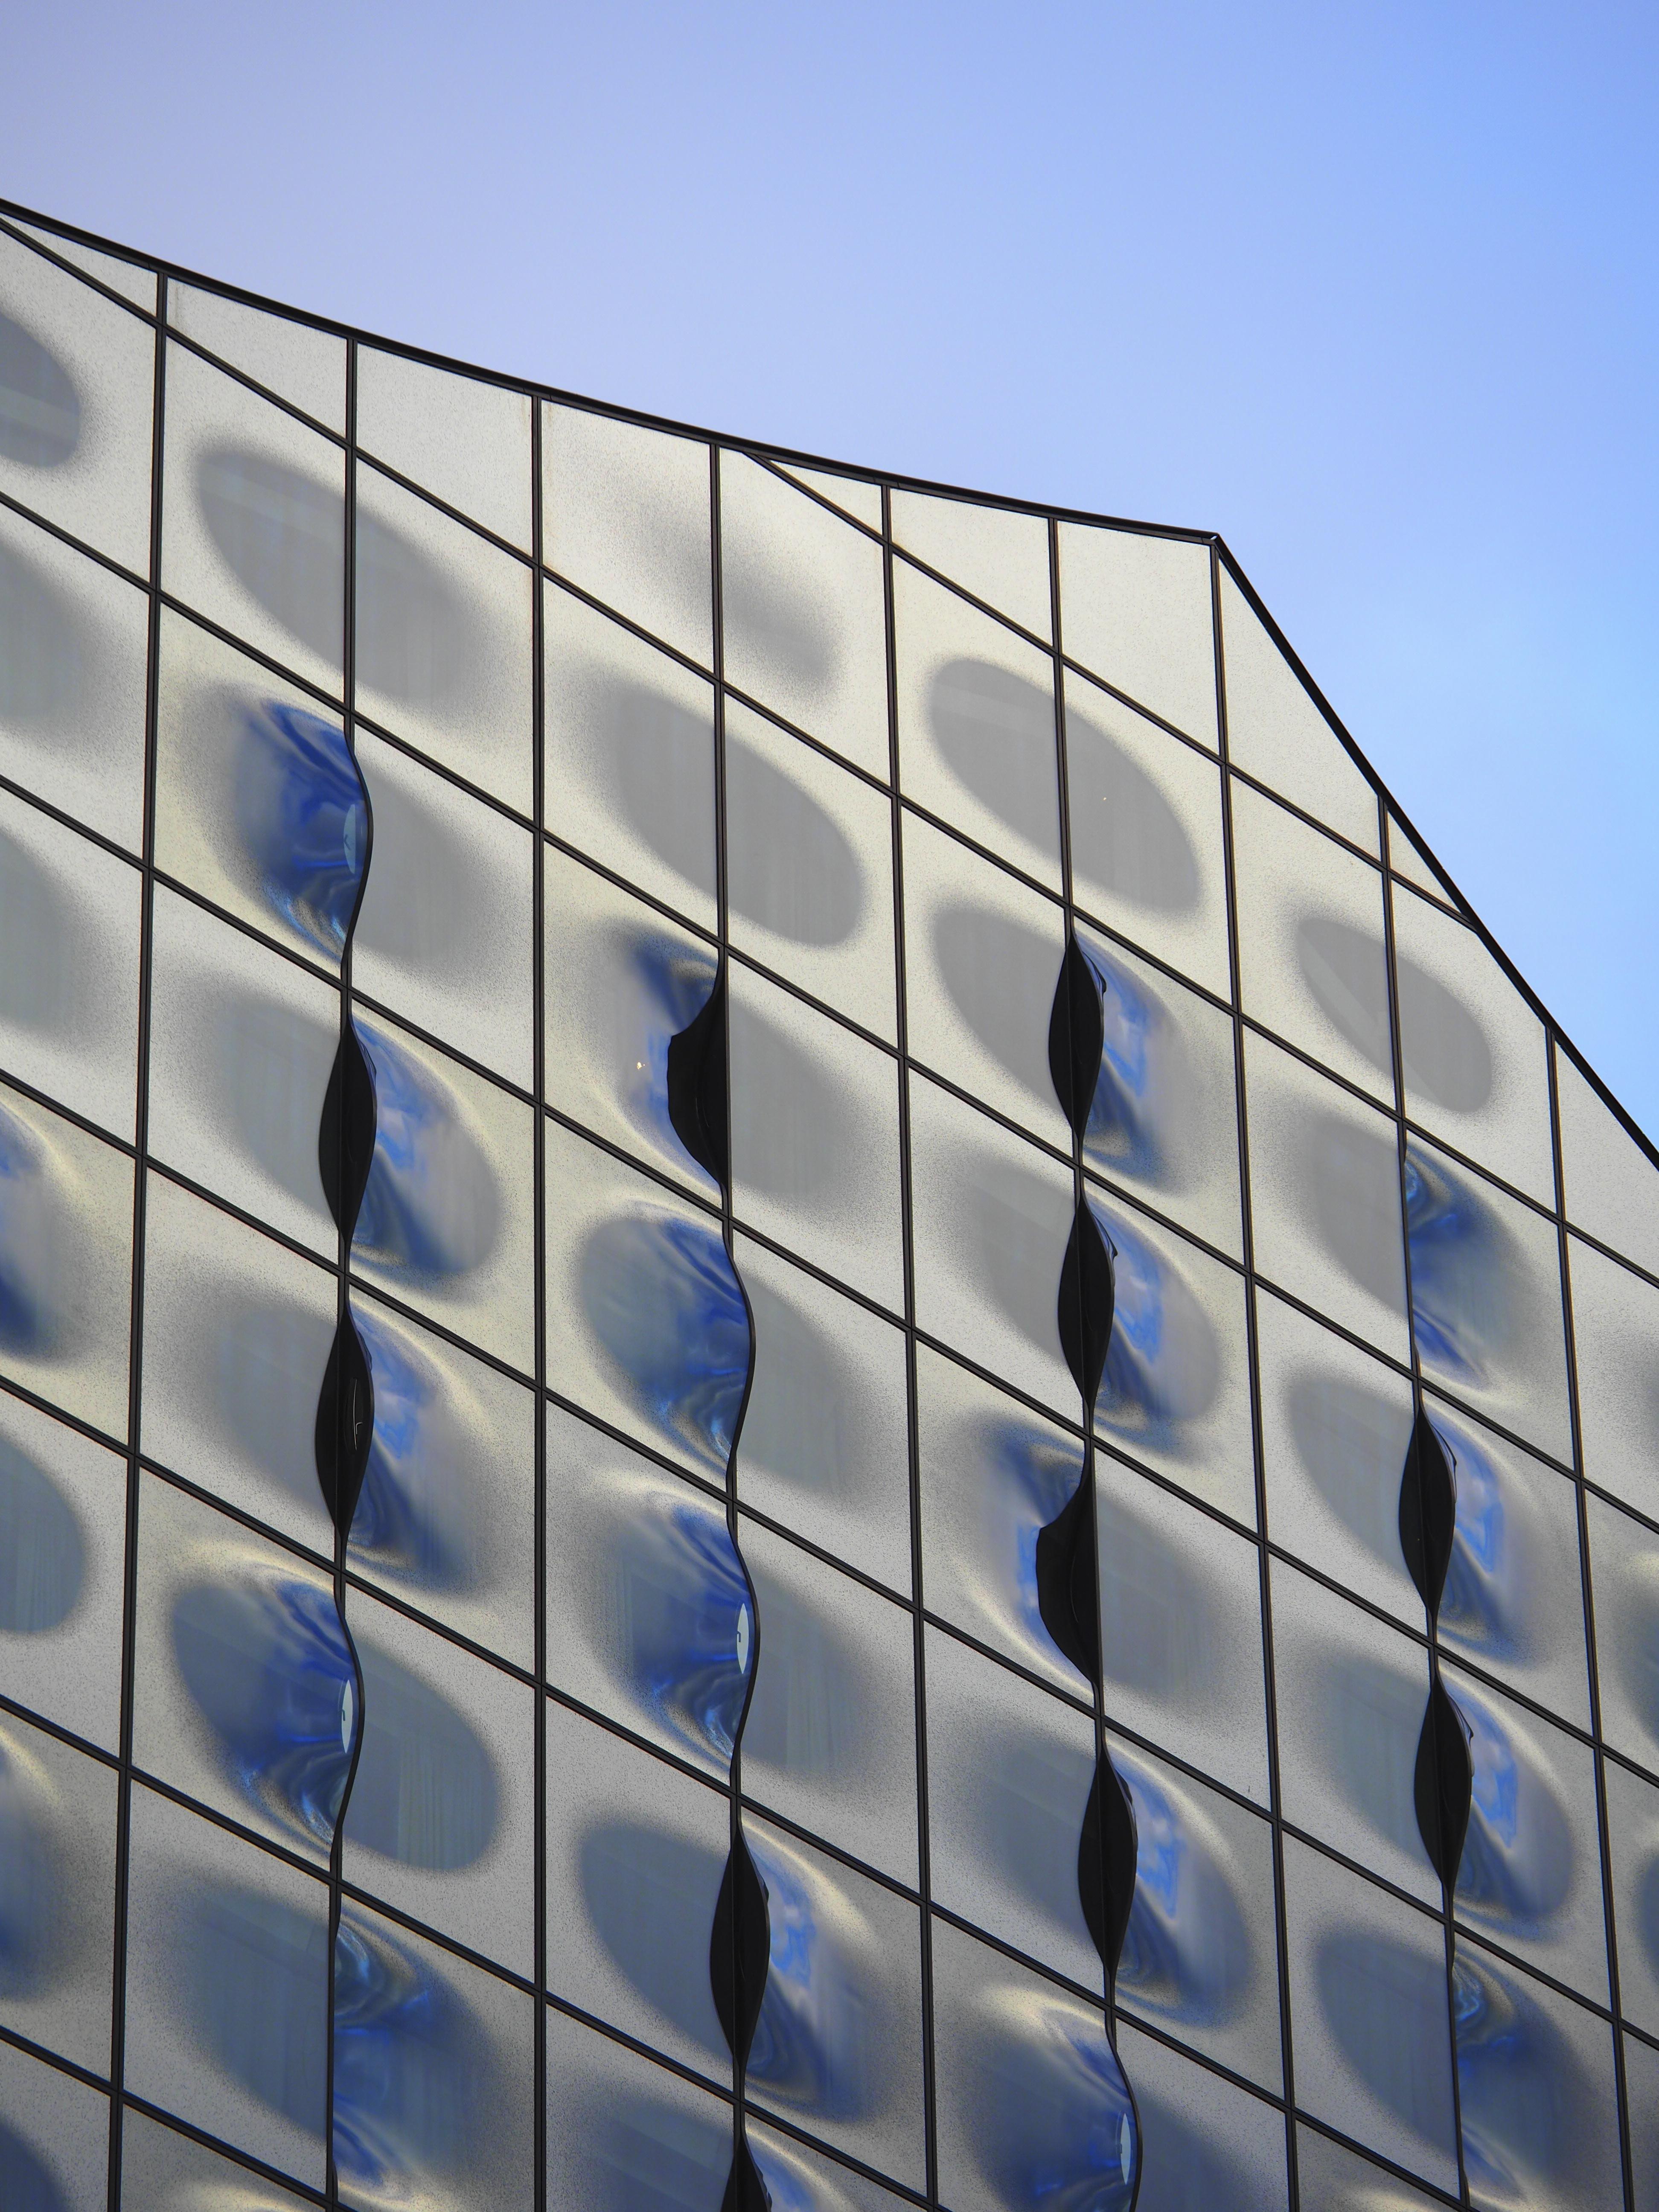 Stehlen Hamburg kostenlose foto die architektur struktur himmel fenster